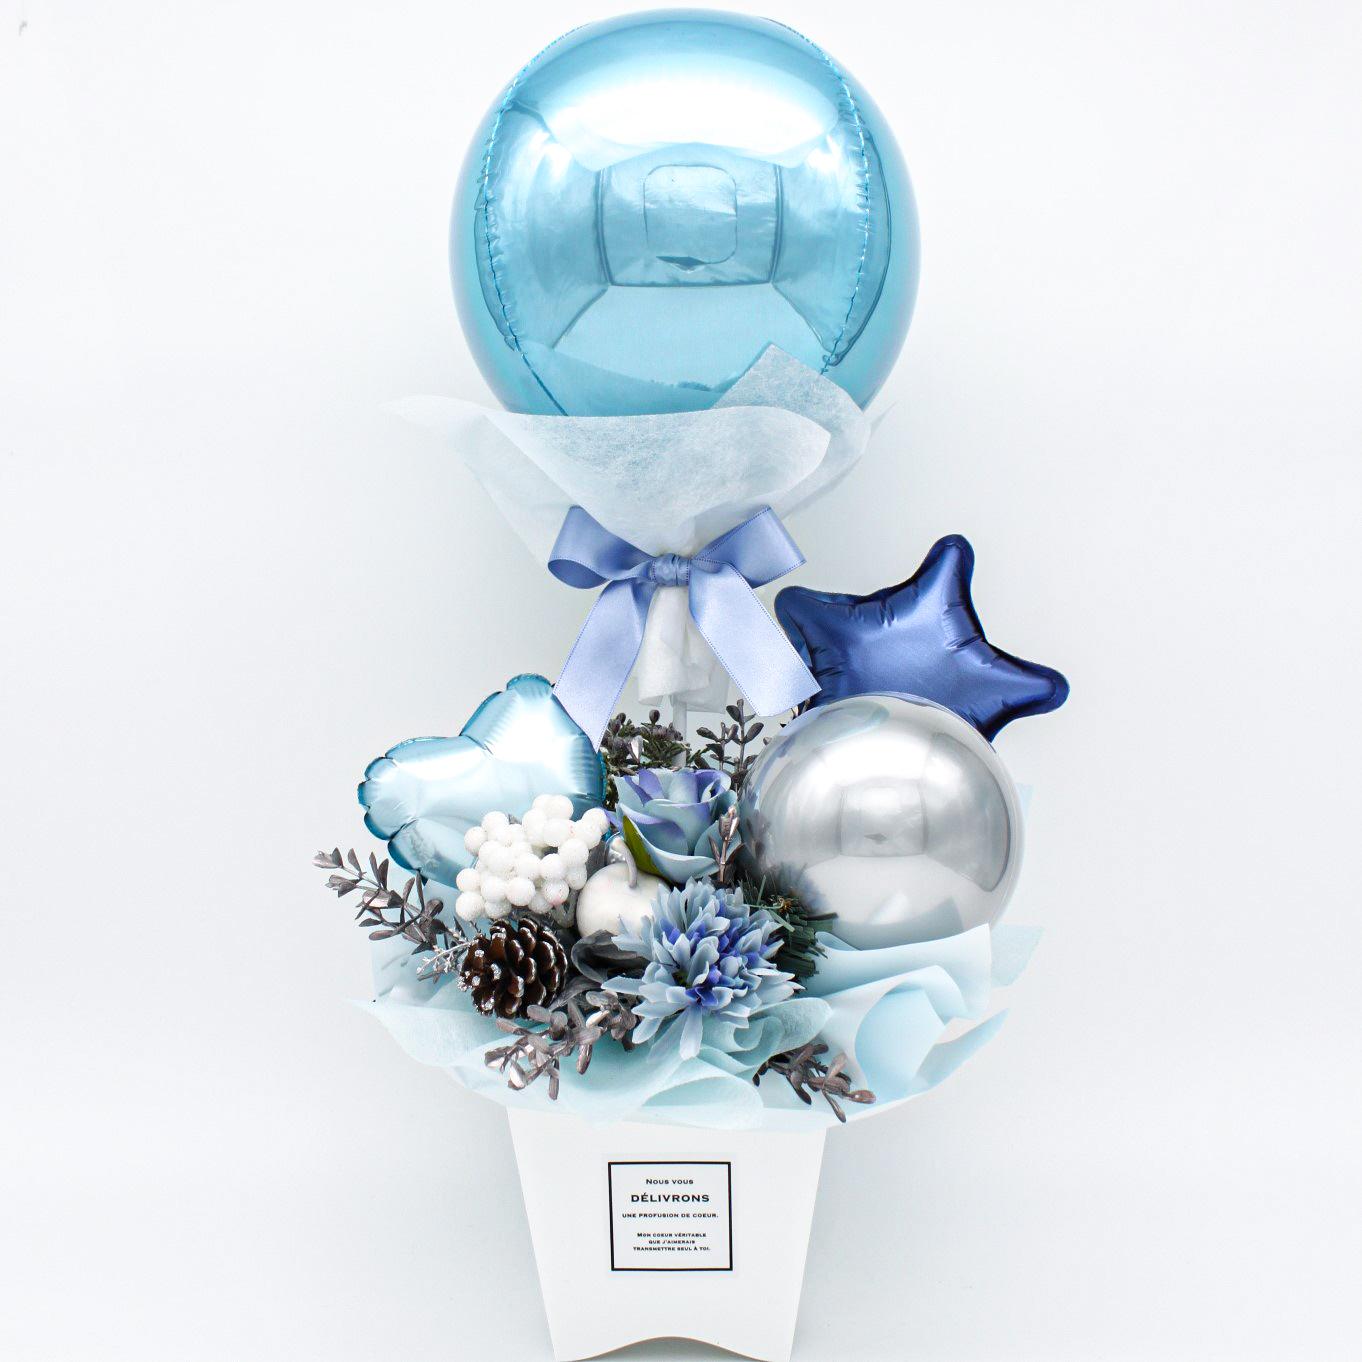 2020年winter新作TheBALLコレクション 「アイスブルーアレンジ」 クリスマスギフト、結婚式バルーン電報、開店祝い、誕生日ギフト、発表会ギフト、送別ギフトなど mc0024